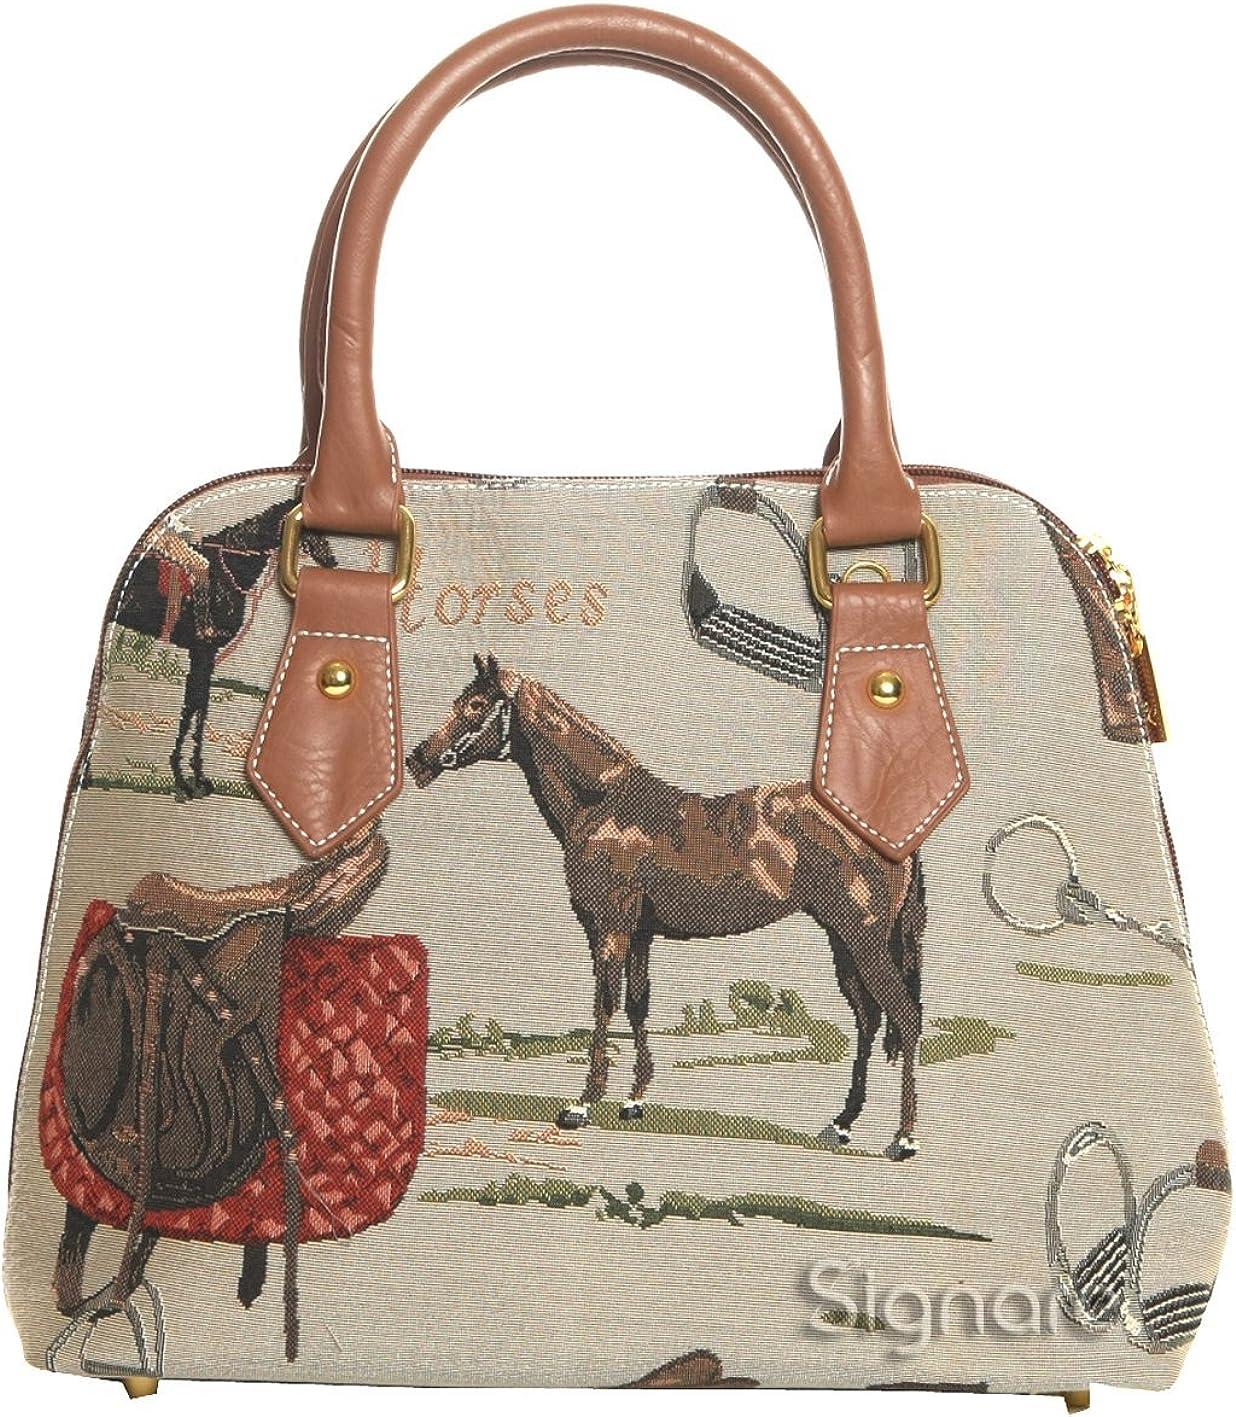 Signare Tapestry Handbag Satchel Charlotte Mall and Shoulder specialty shop Crossbody Bag